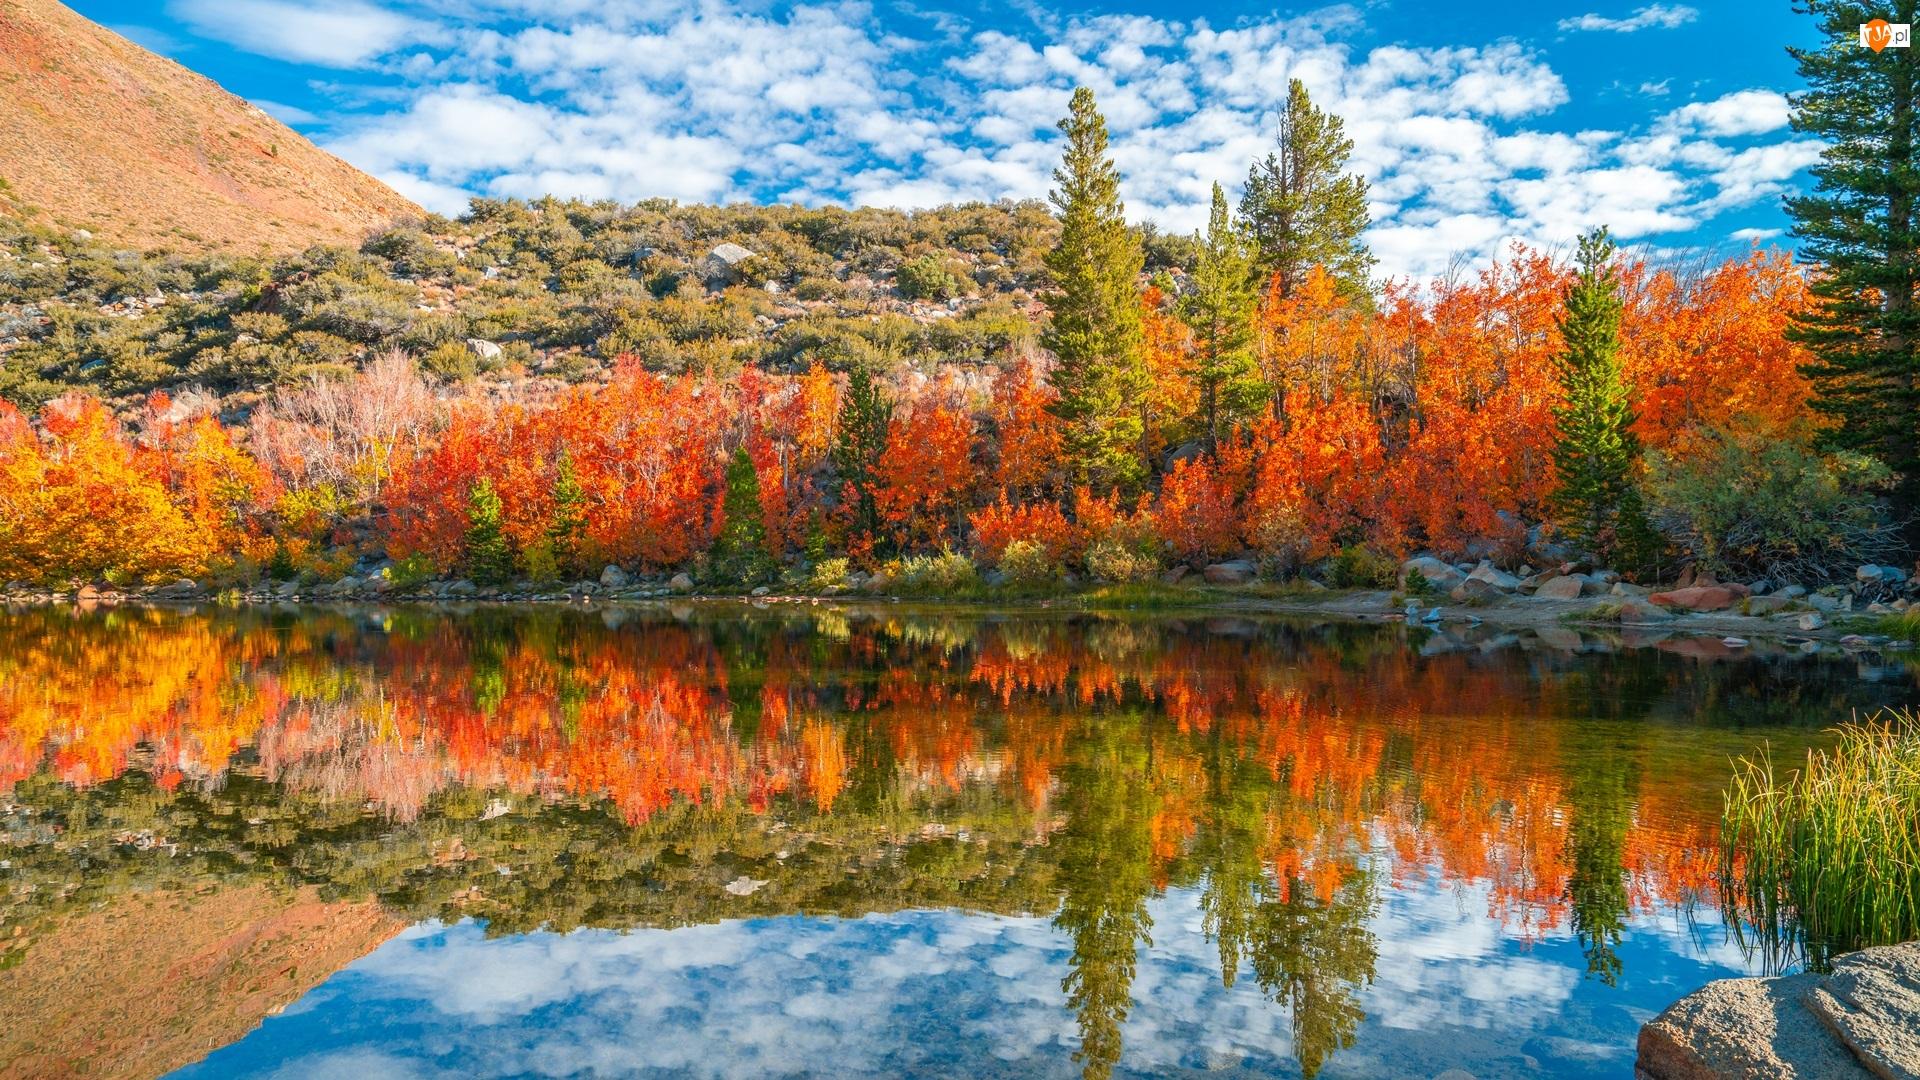 Stany Zjednoczone, Bishop Creek, Kalifornia, Góry, Chmury, Jesień, Krzewy, Rzeka, Drzewa